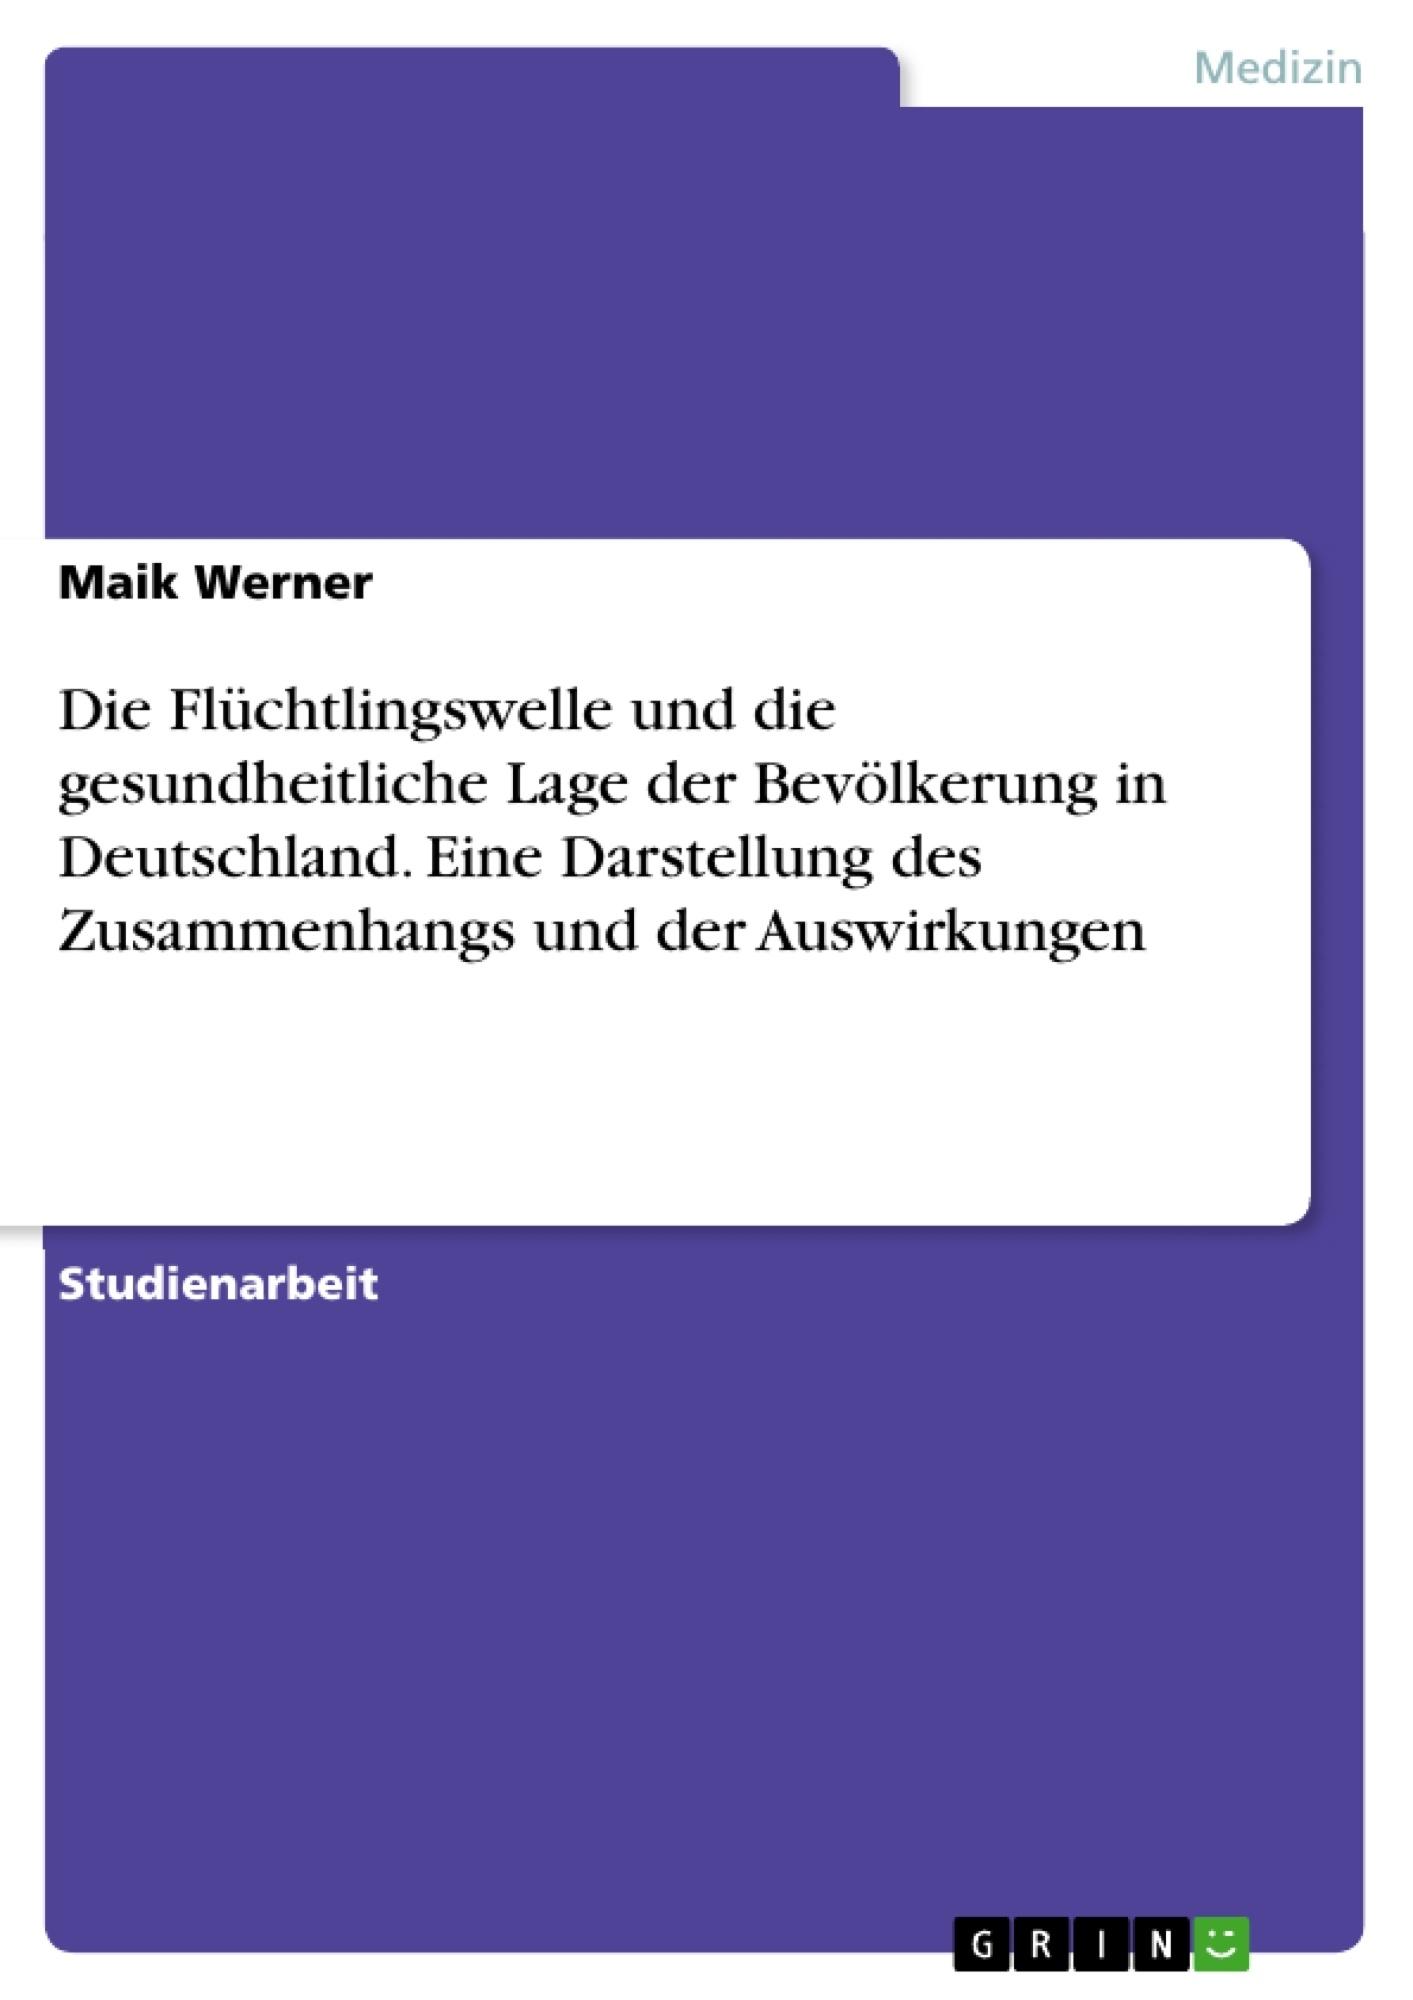 Titel: Die Flüchtlingswelle und die gesundheitliche Lage der Bevölkerung in Deutschland. Eine Darstellung des Zusammenhangs und der Auswirkungen